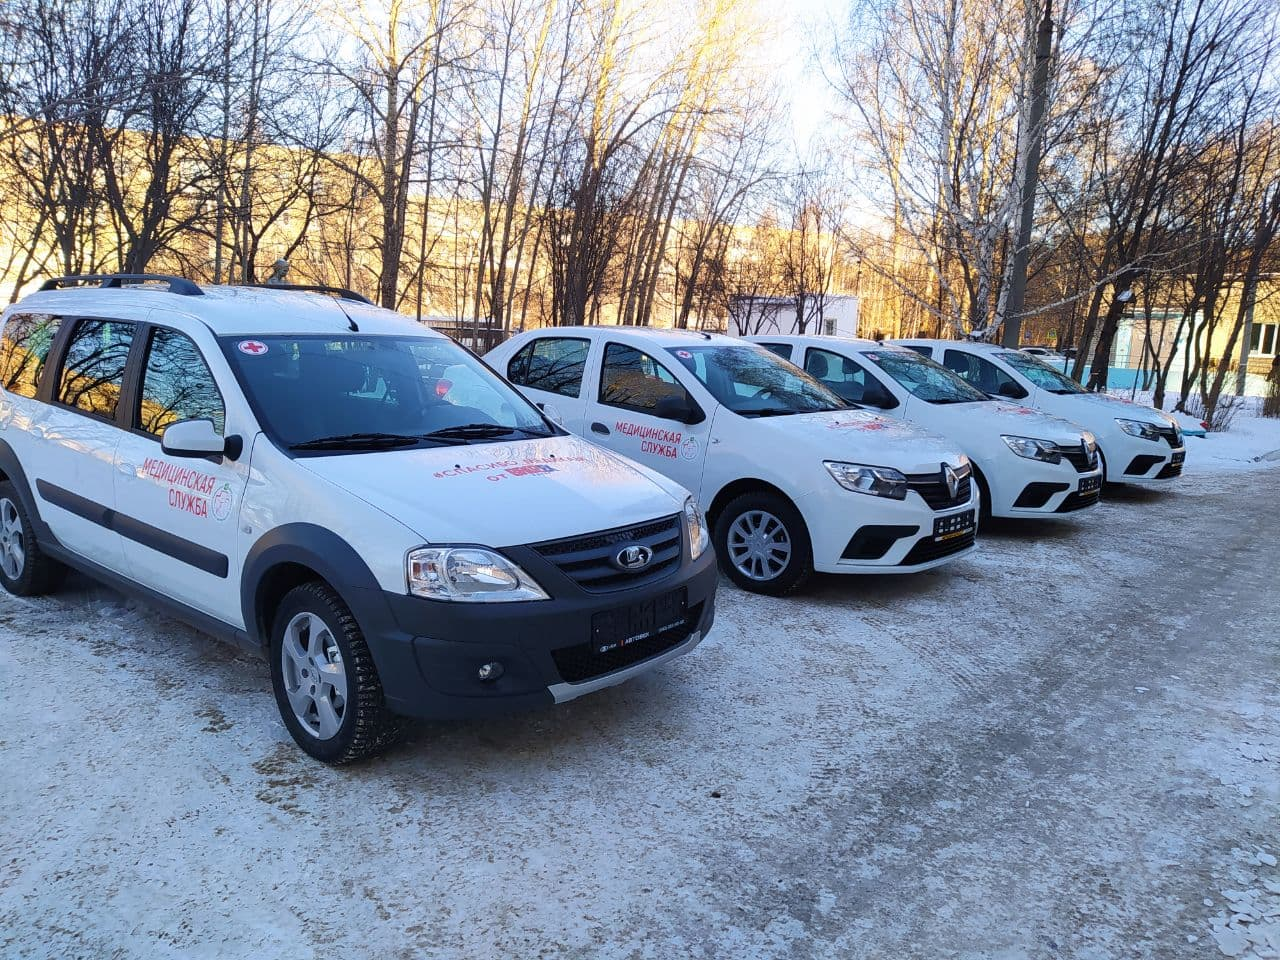 Автопарк Березовской ЦГБ вновь пополнился новыми автомобилями